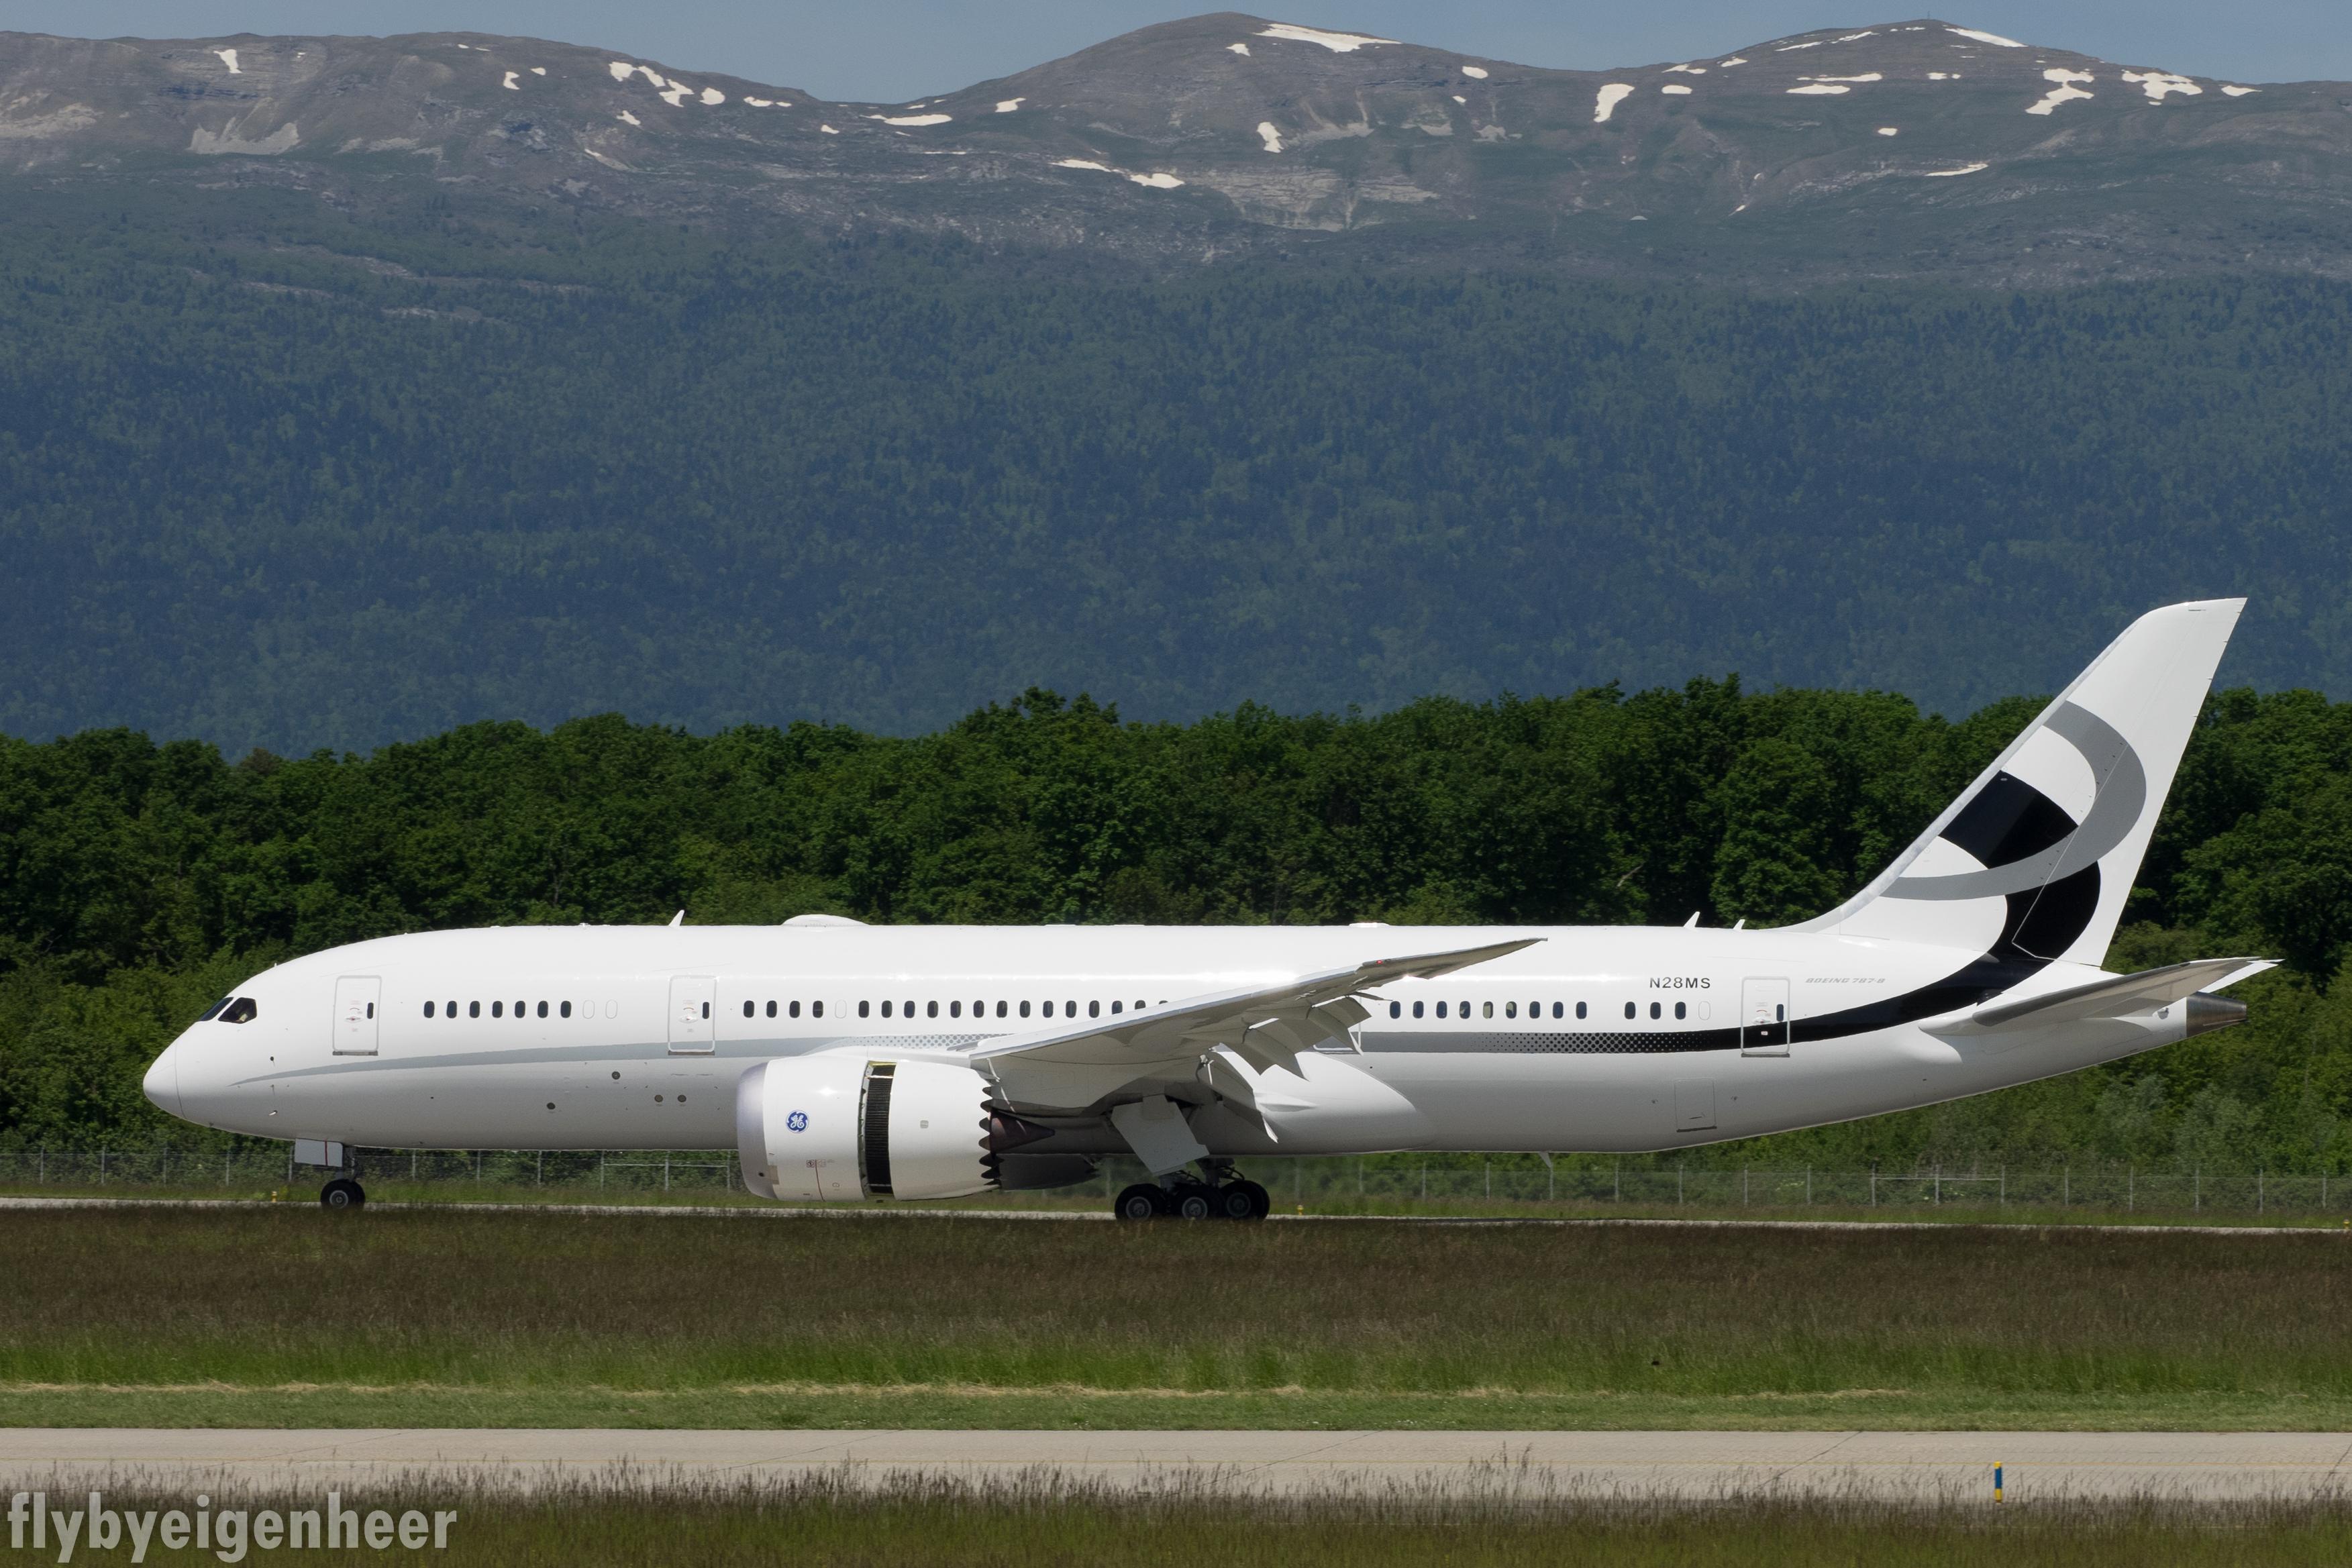 File:Jet Aviation Flight Services, Boeing 787-8 Dreamliner, N28MS  (27325177235